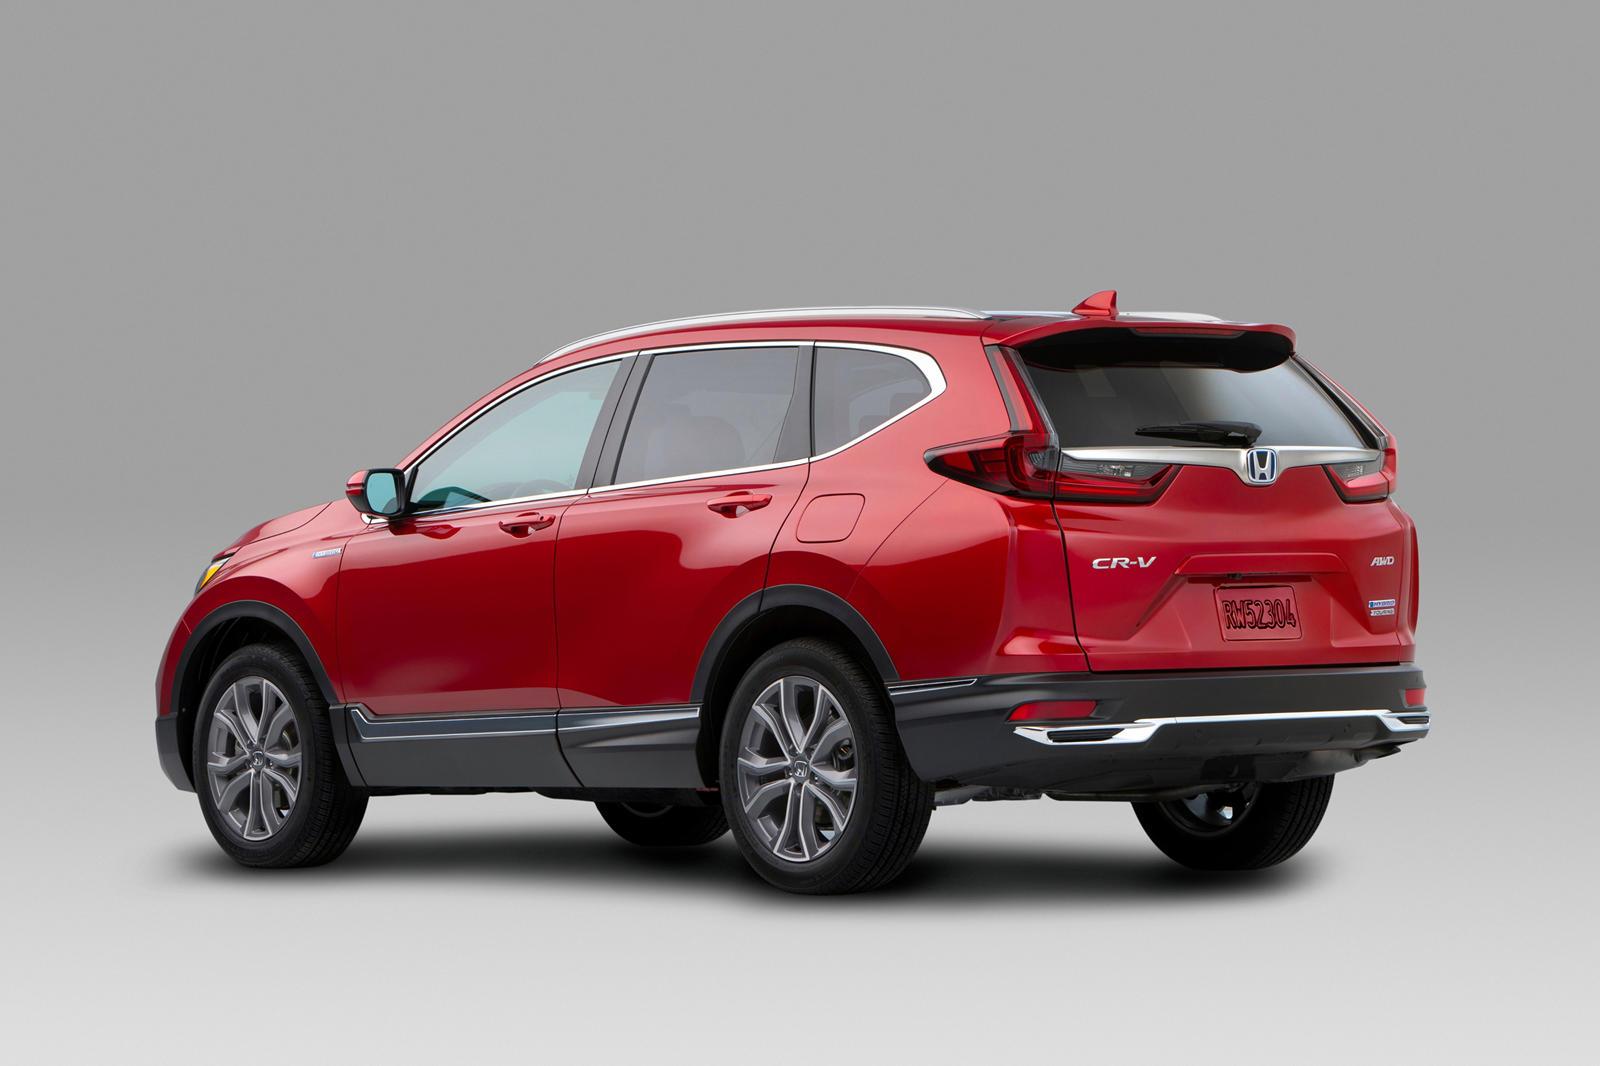 Помните первые два поколения Honda Insight? Несмотря на то, что они были невероятно экономичными из-за своих гибридных силовых агрегатов, они не сделали много, чтобы сделать гибридизацию привлекательной из-за своего несуразного стиля. Последняя верси